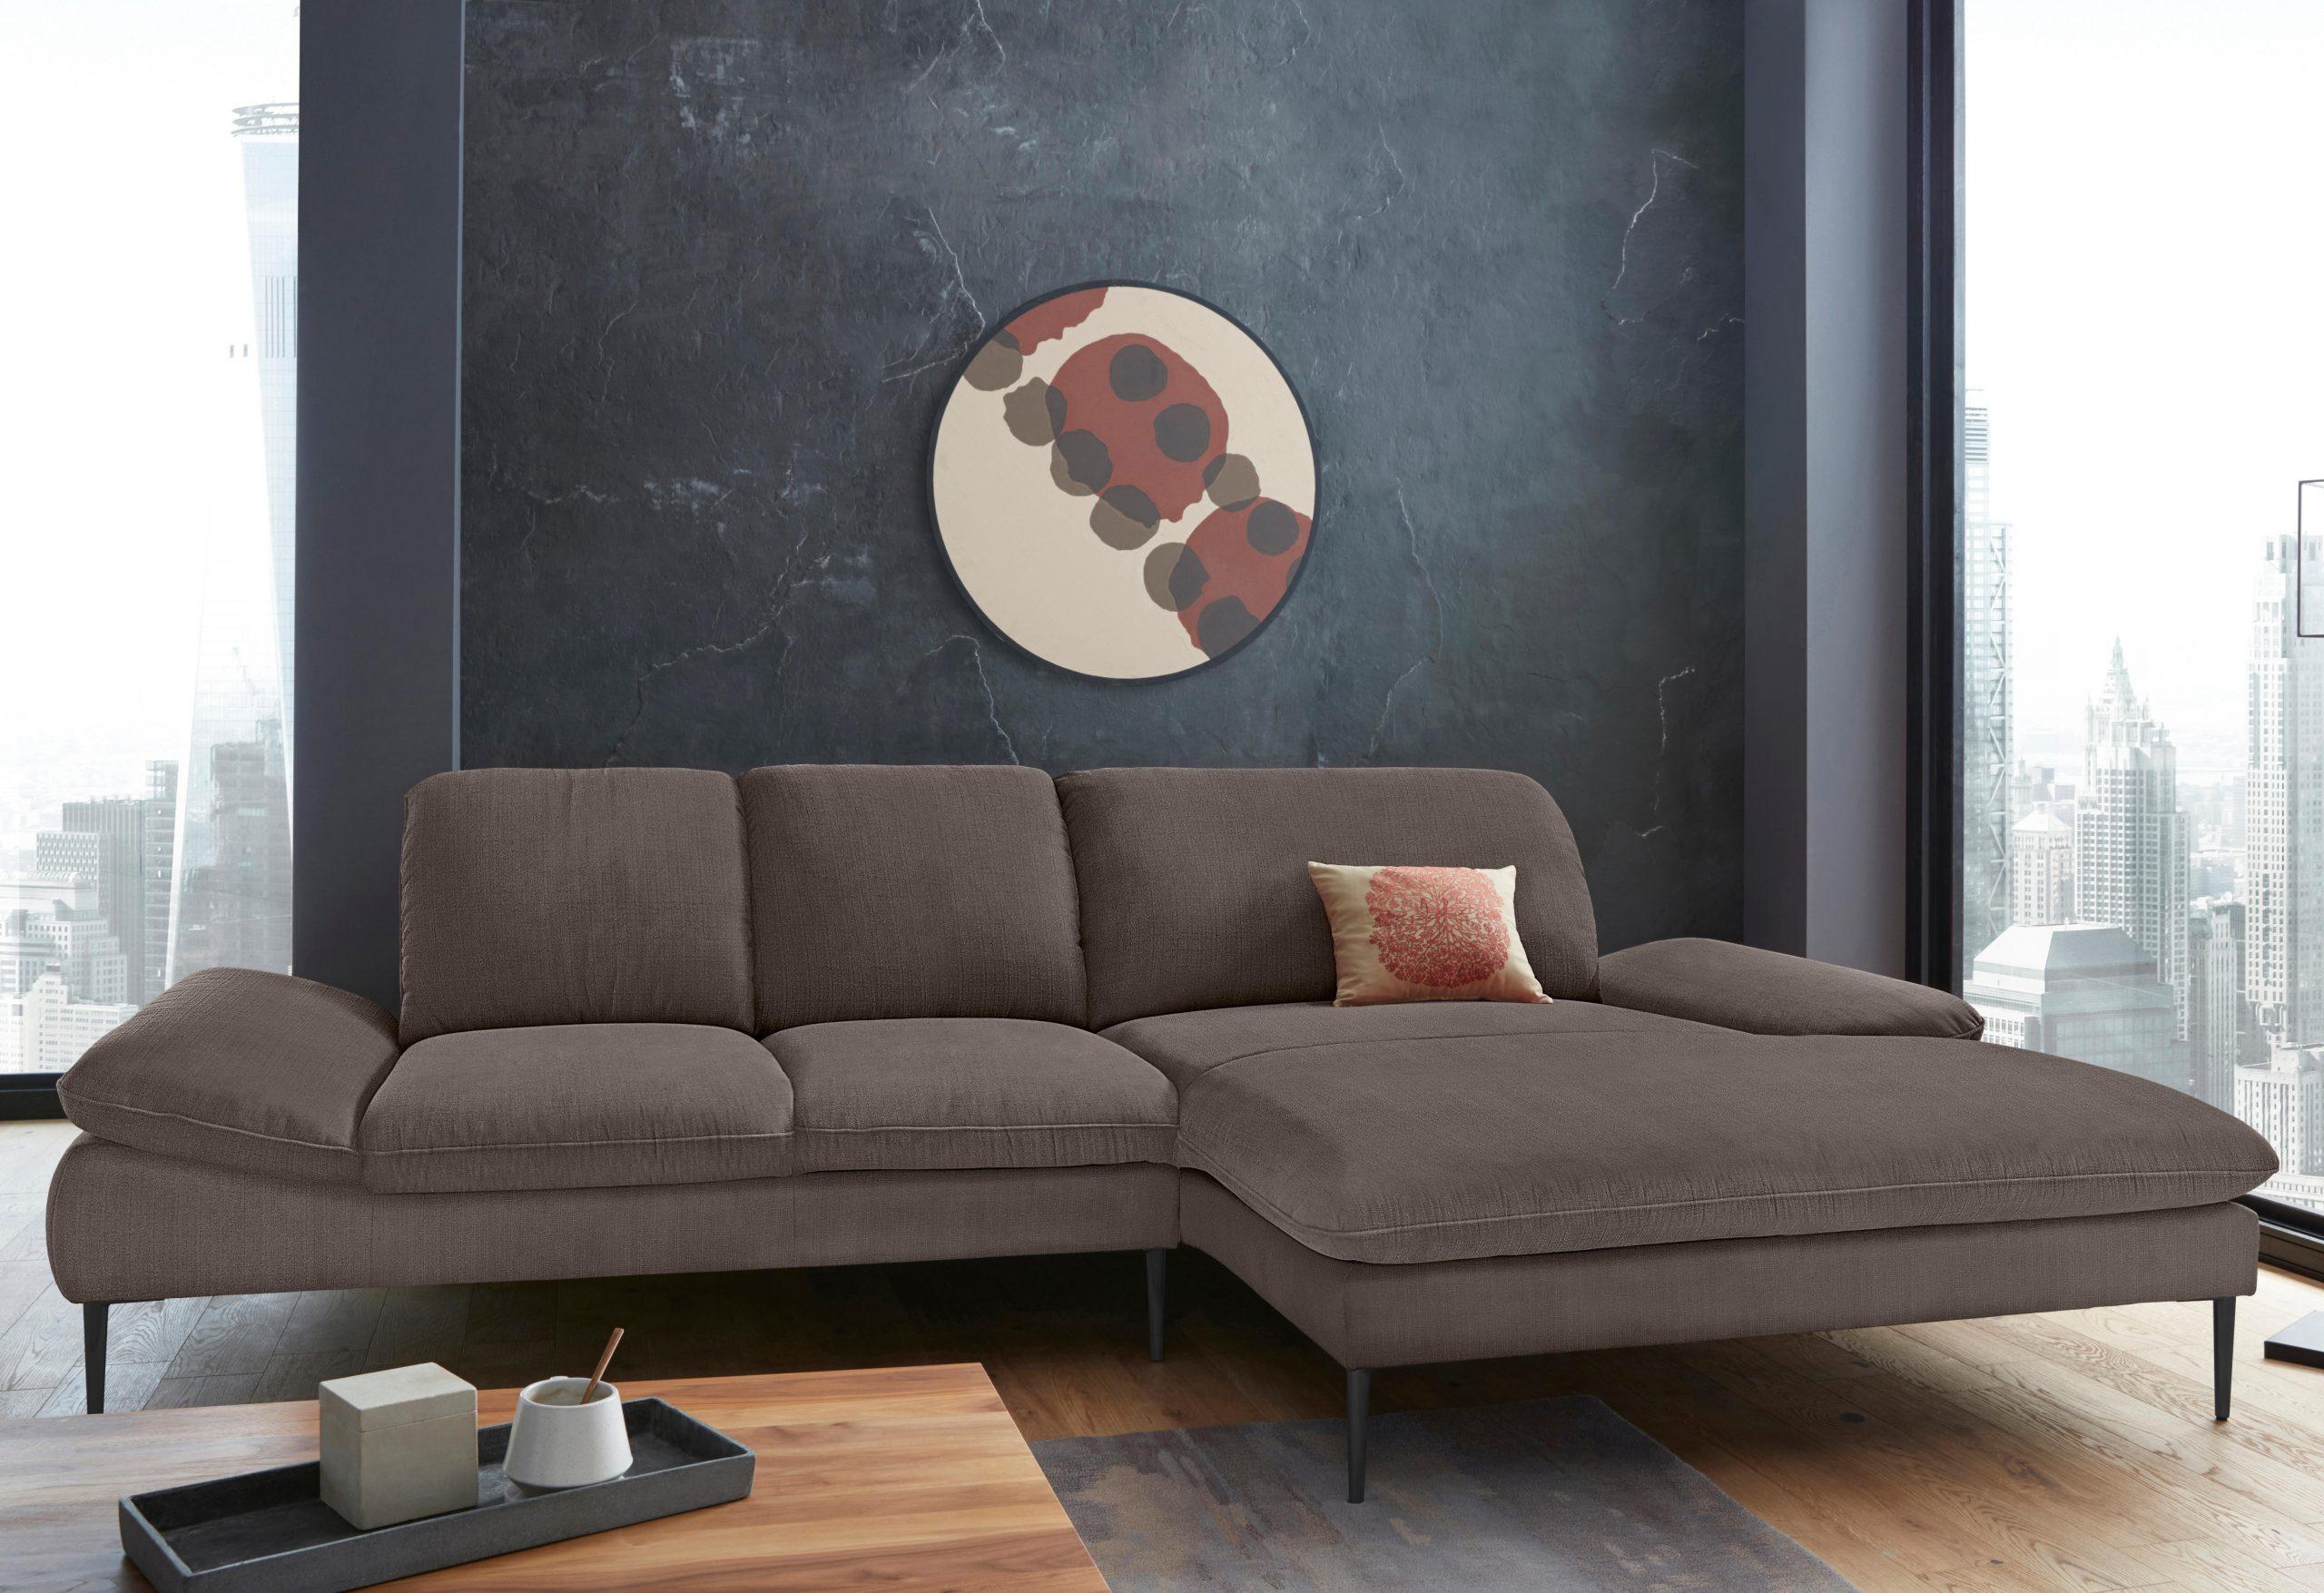 Full Size of Sofa Sherry Schillig Alexx Plus Leder Couch Preis Wschillig Ecksofa Enjoymore Auf Rechnung Bestellen Baur Riess Ambiente 2 Sitzer Bezug Mit Ottomane Rahaus Sofa Schillig Sofa